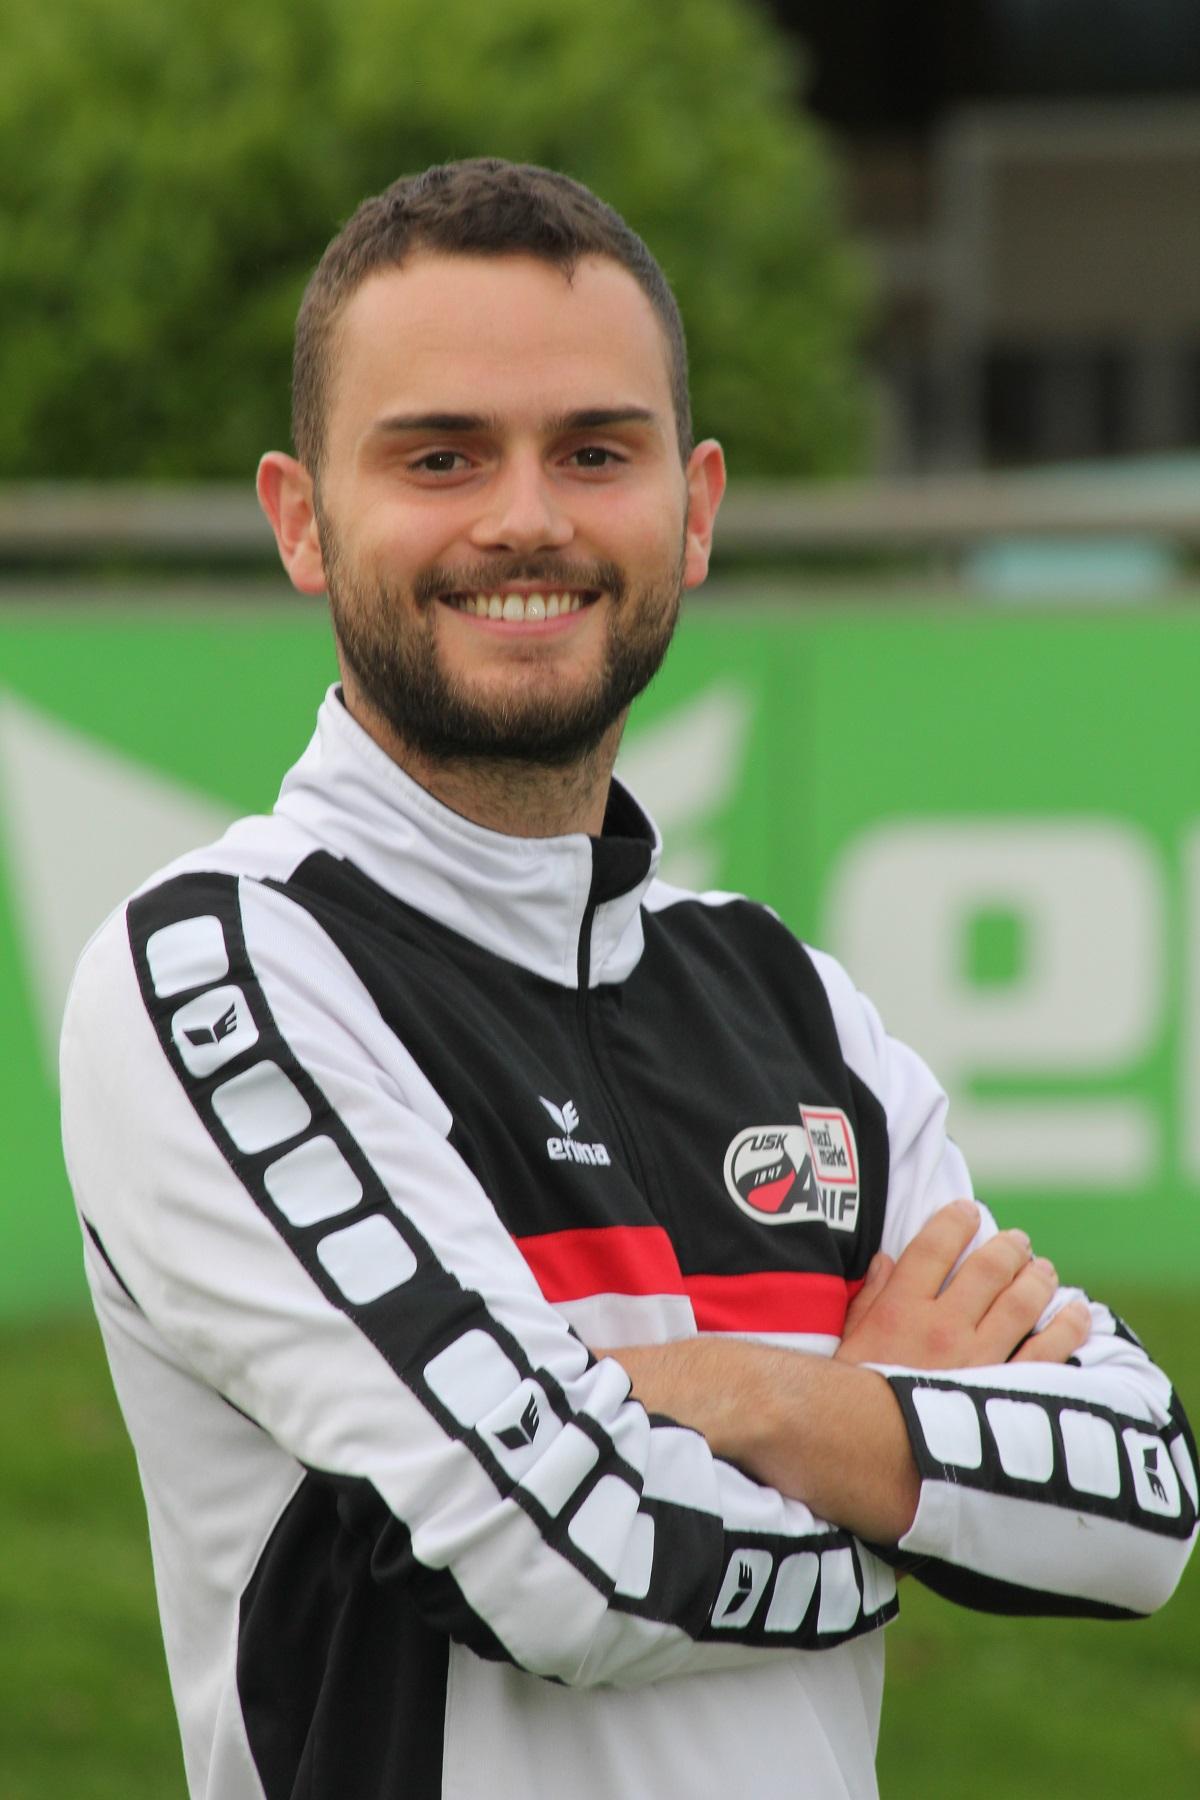 Alexander Danglstätter, USK-Anif